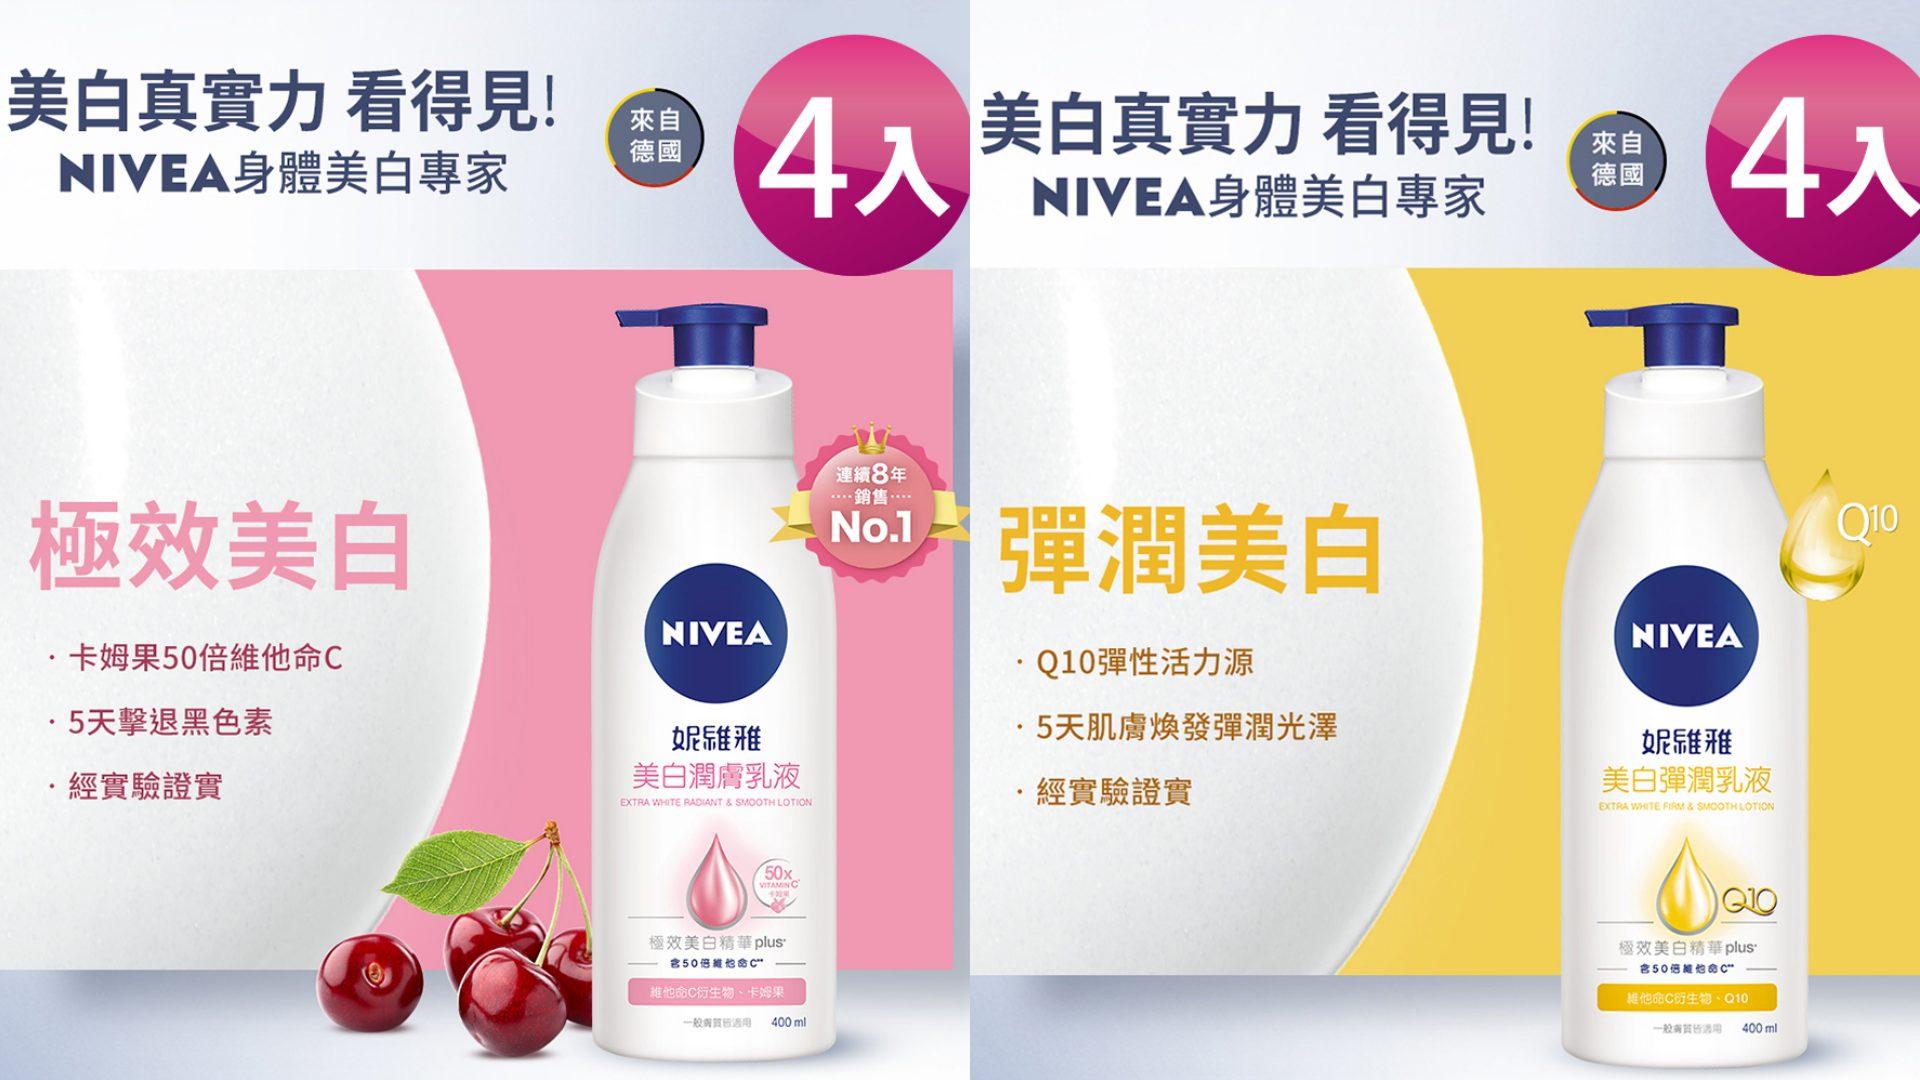 裡面添加衛生福利部公告美白有效成份—維他命C衍生物,搭配萃取西印度櫻桃,能深入肌膚裡層,改善暗沉並提升明亮度